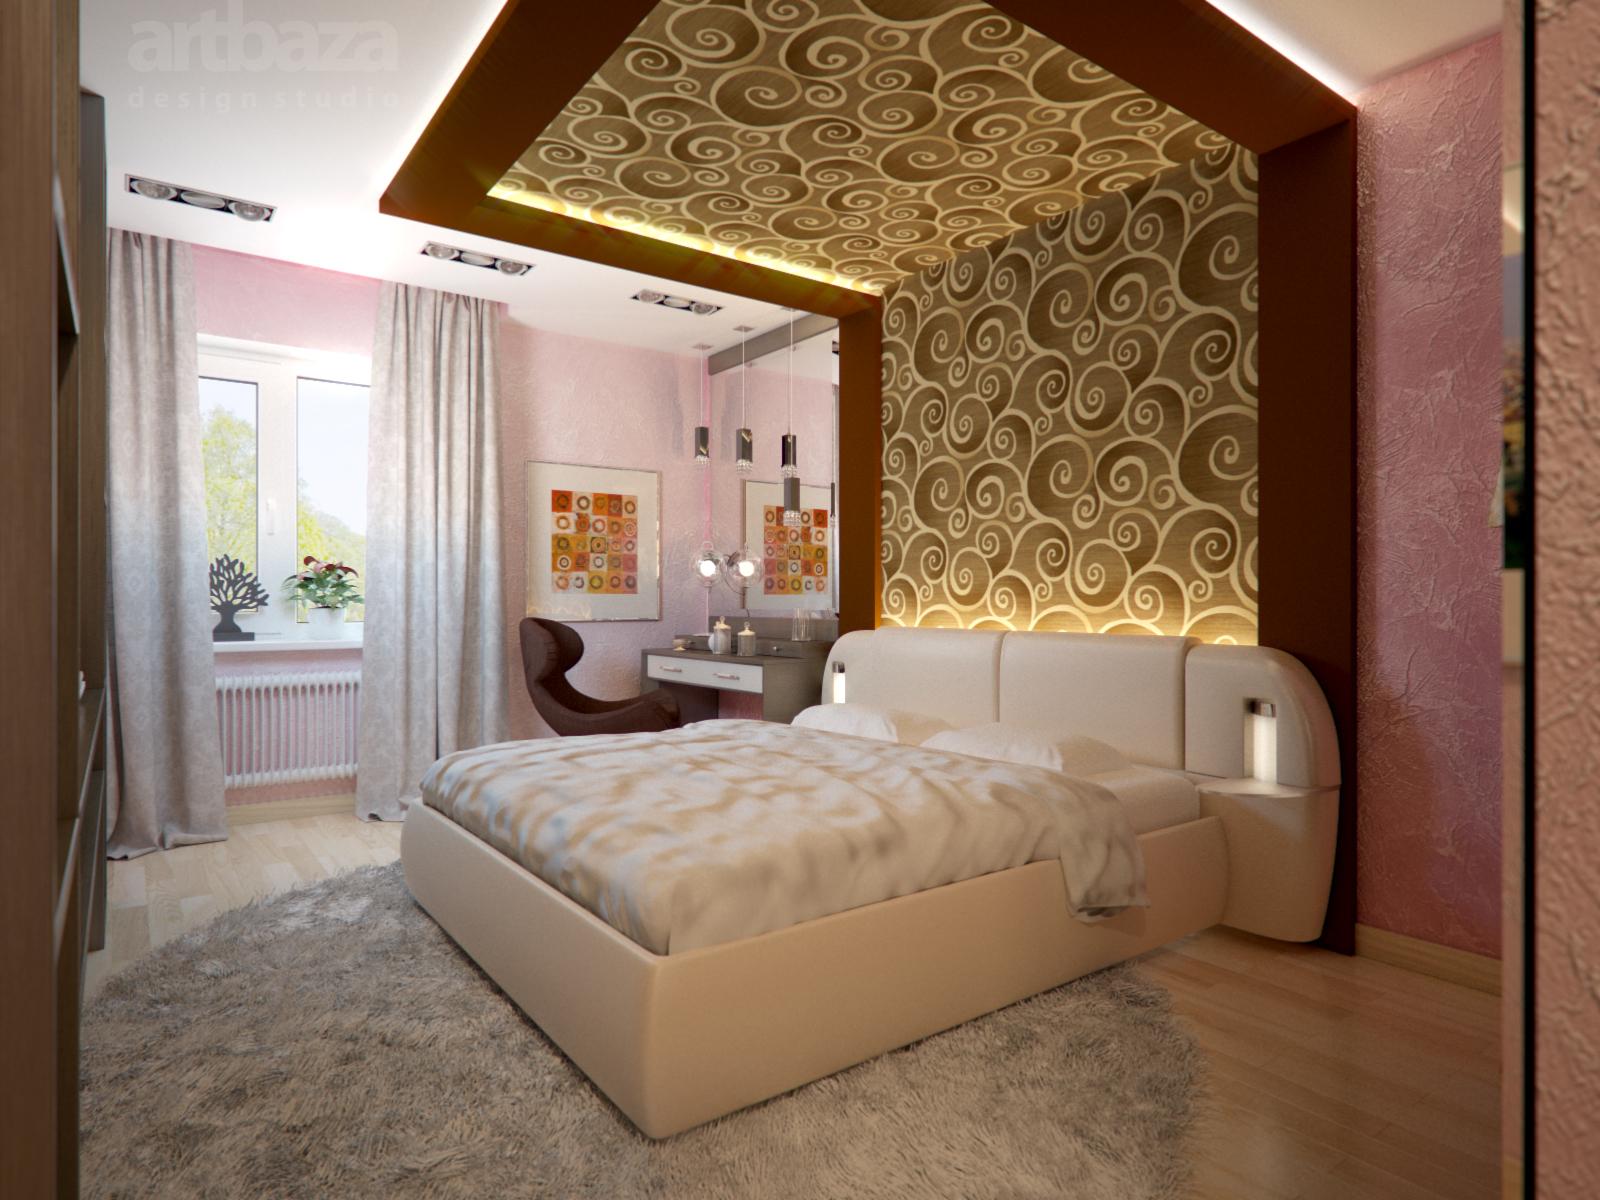 фото интерьера спальни дизайн